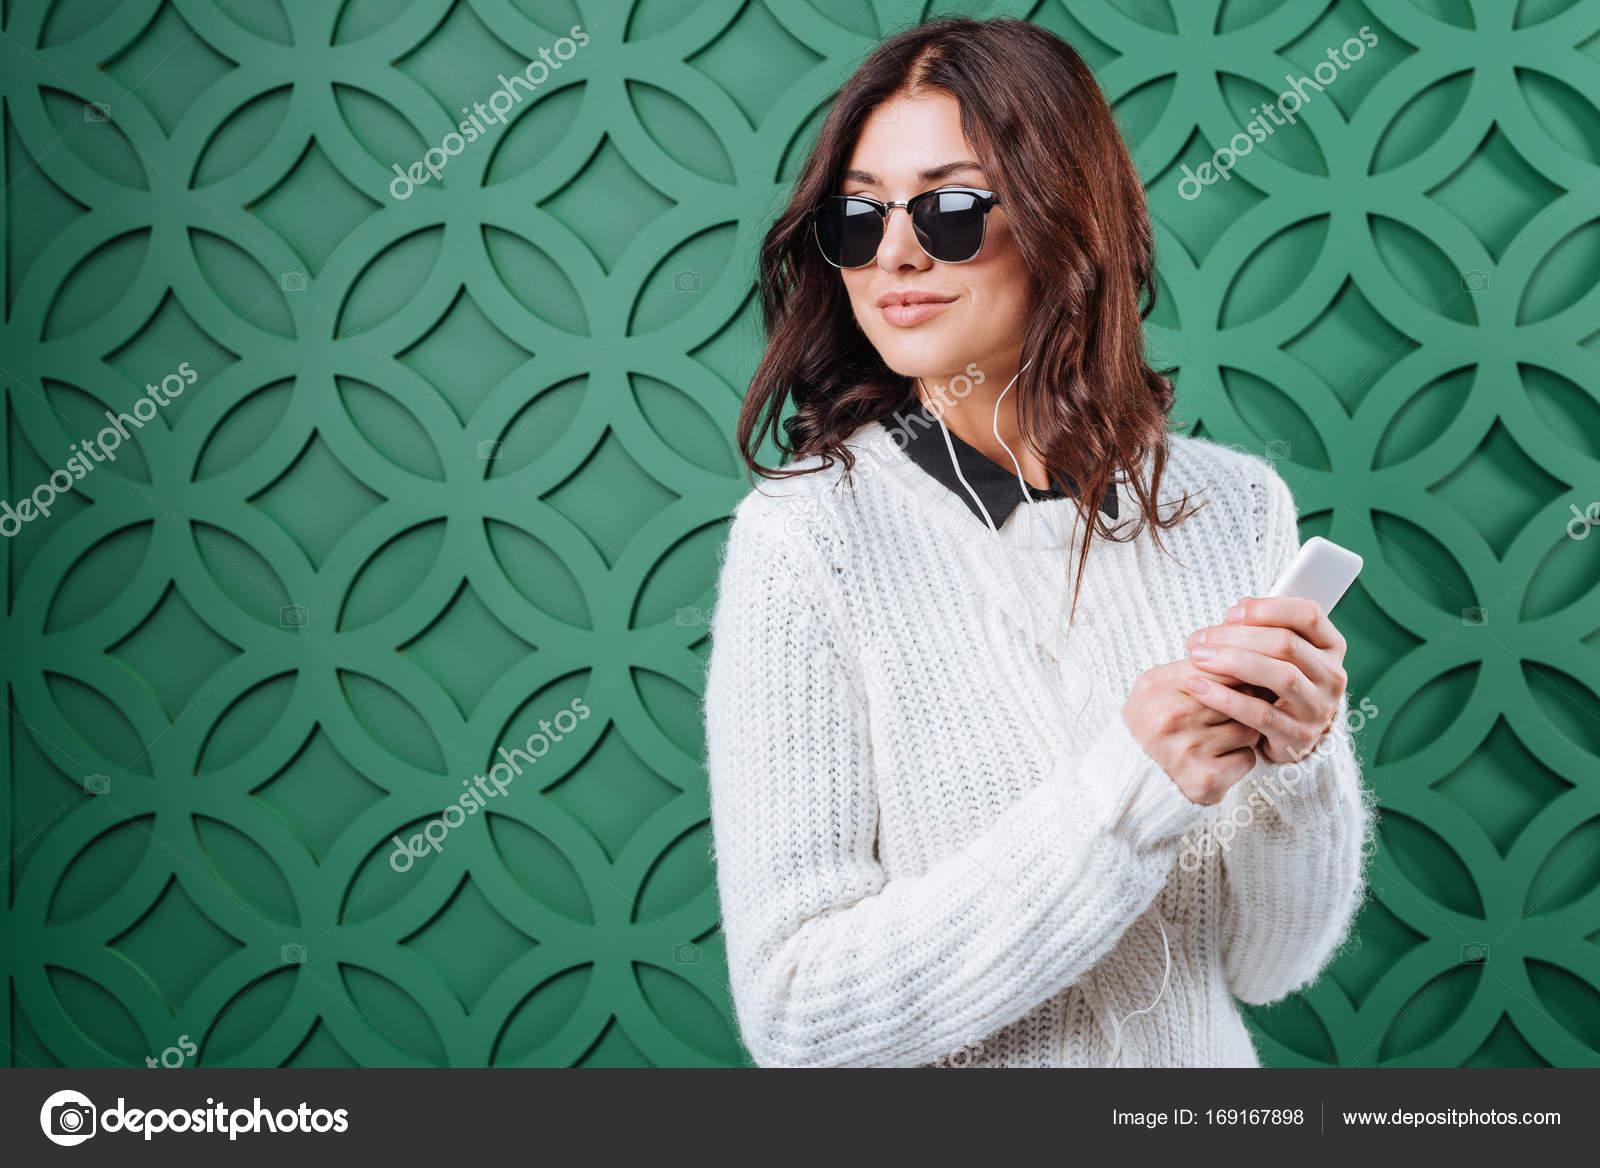 079f35ff5db54 Mulher elegante na camisola de inverno branco e óculos de sol pretos  ouvindo música com smartphone em verde — Foto de VitalikRadko